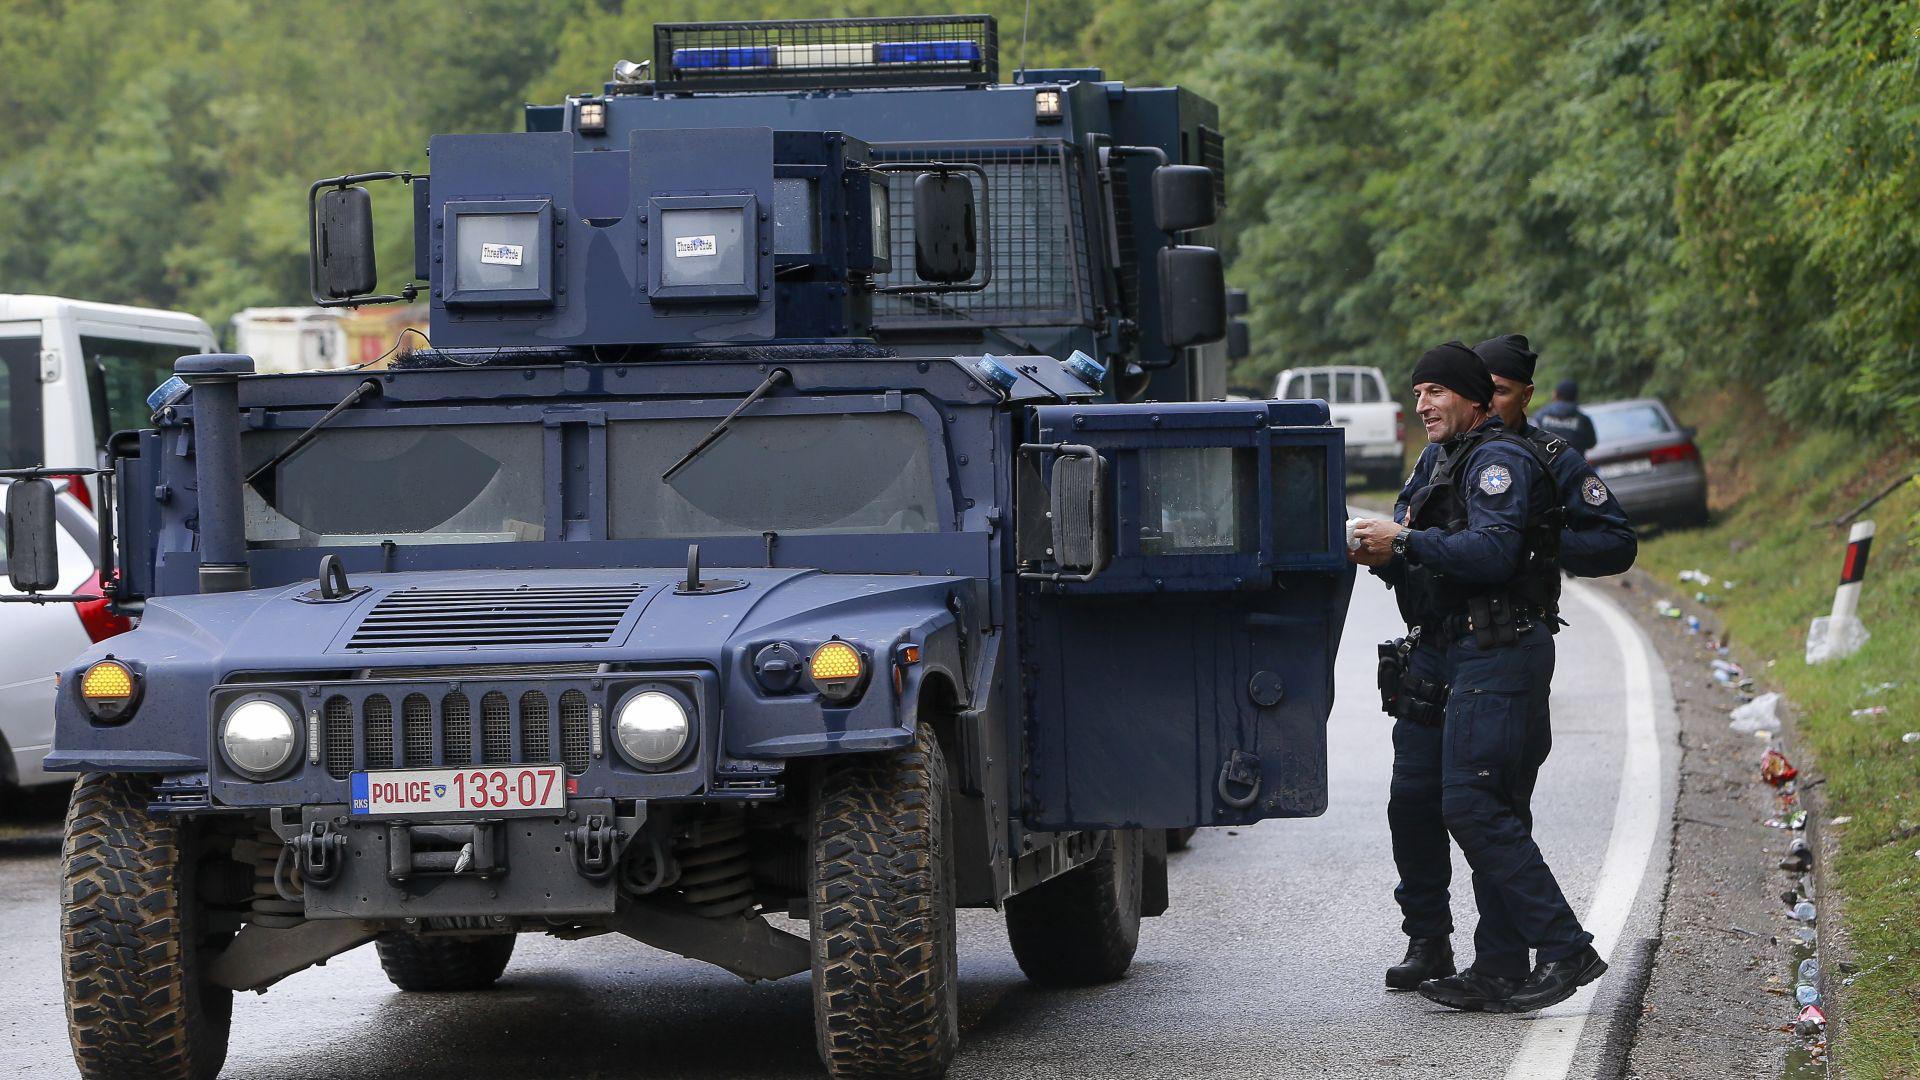 10-и ден блокада на Ярине и Бърняк: струпаха военна техника, ЕК поиска решаване на спора